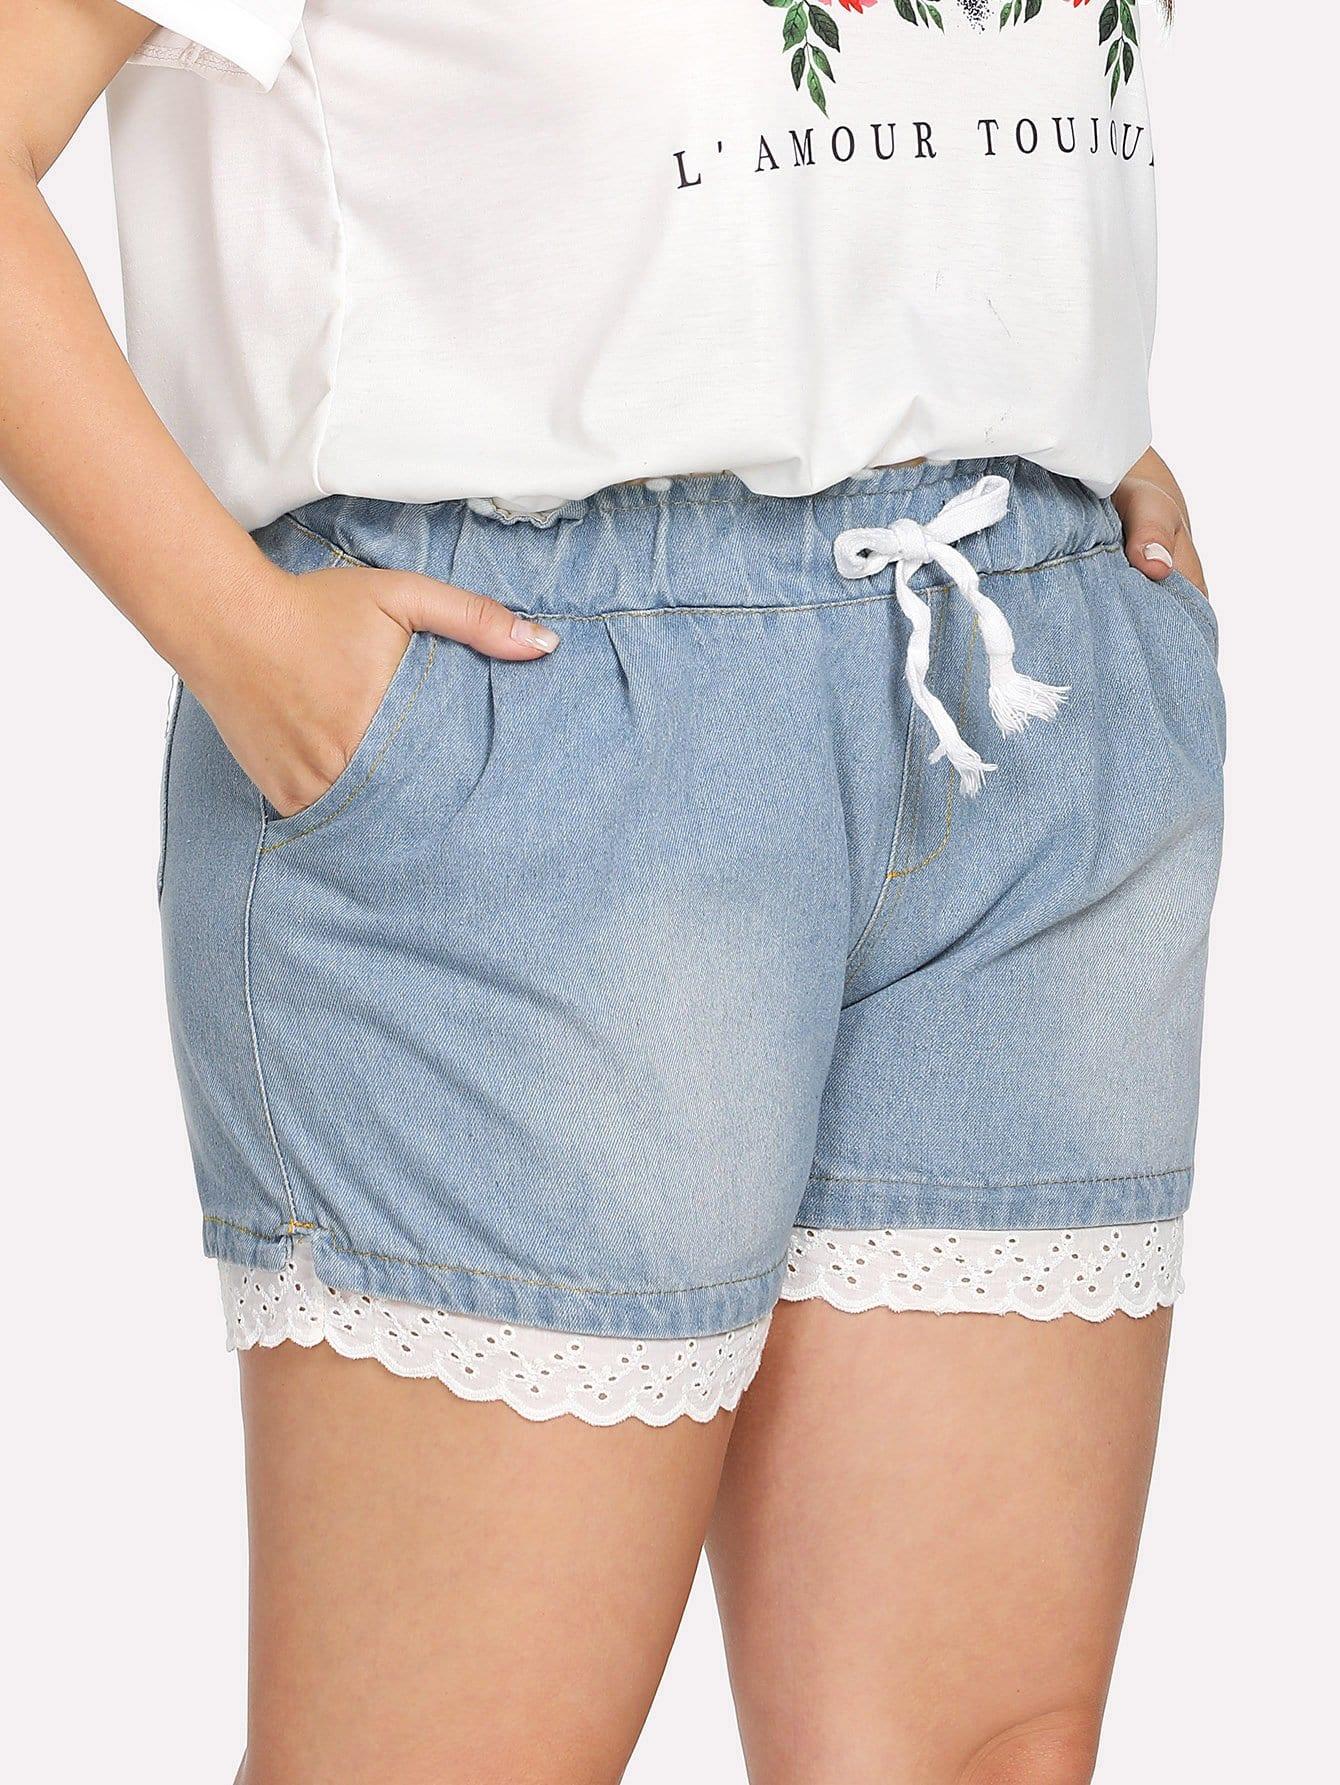 Plus Drawstring Waist Lace Hem Denim Shorts drawstring waist frayed denim shorts